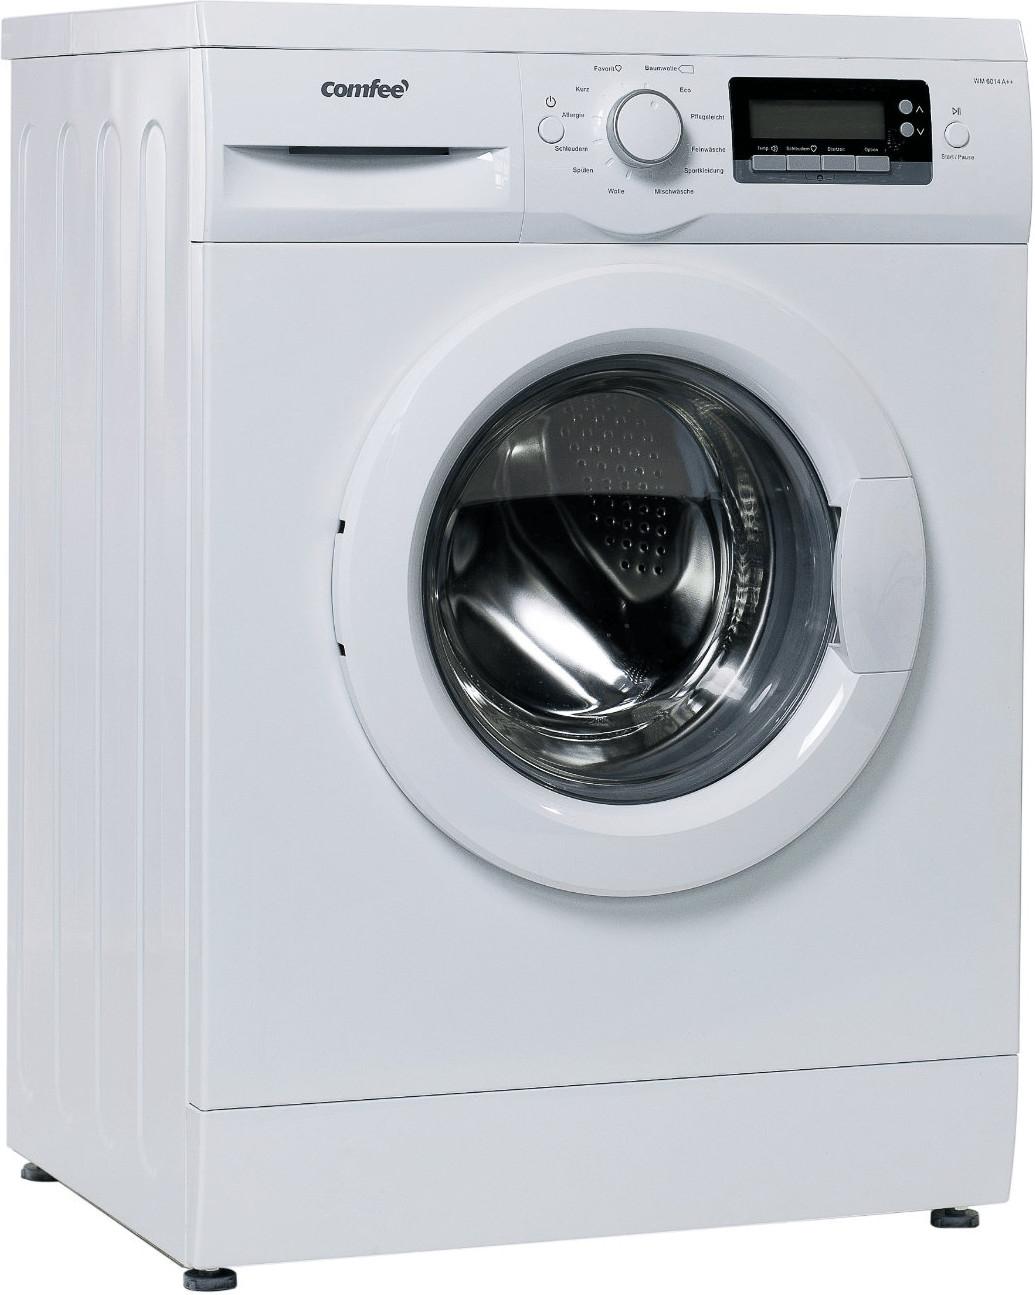 Neujahrsangebote für den Haushalt: z.B. Waschmaschine Comfee' WM 6014 (A+++, 6kg, 1400 U/min)